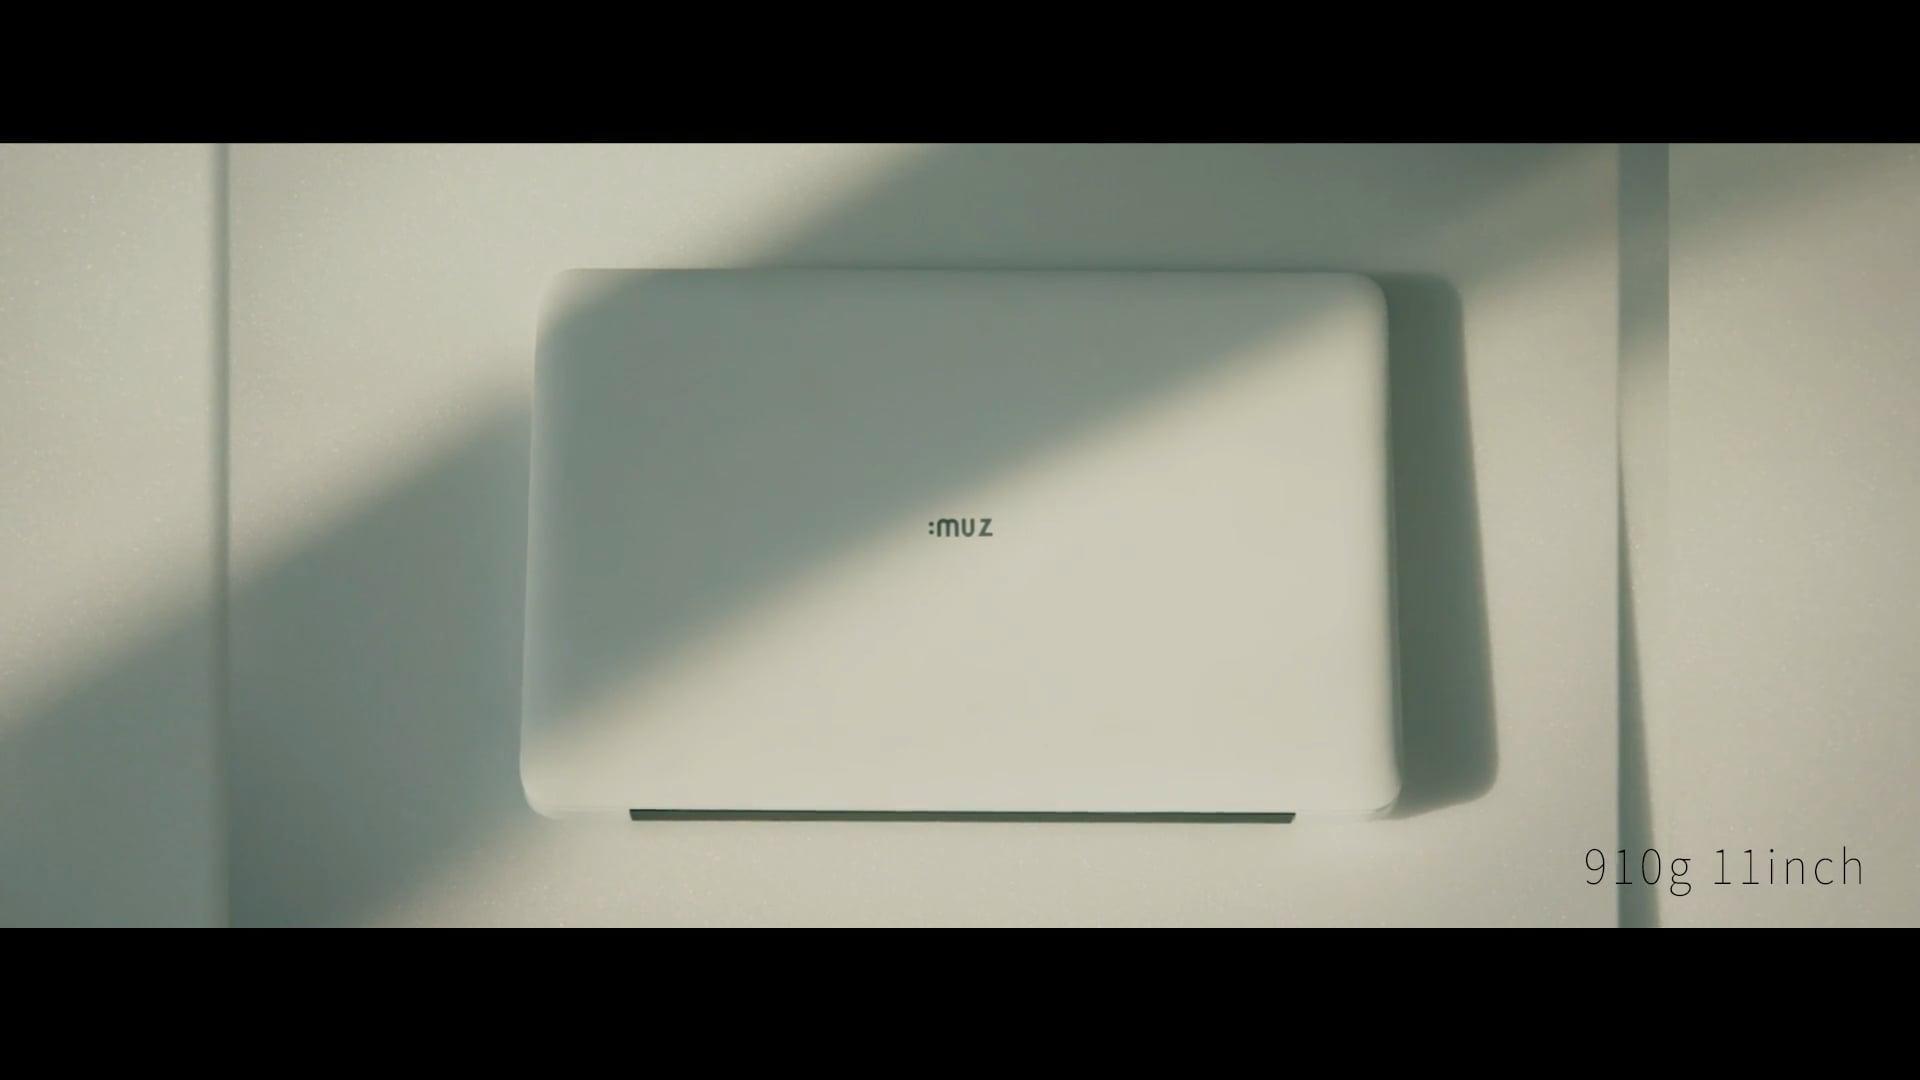 아이뮤즈 (Antique X Minimalism) 노트북 홍보 영상 Notebook Promotional video